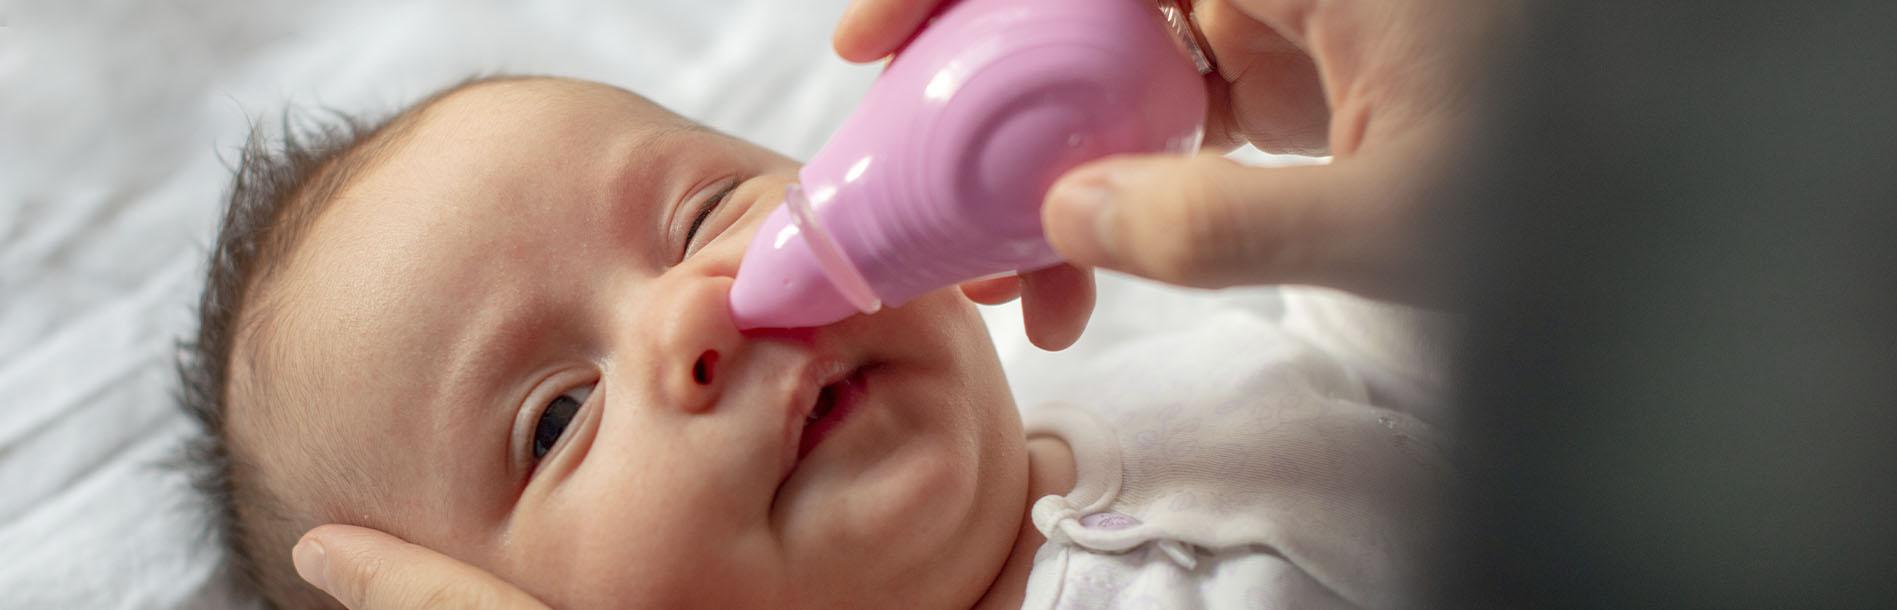 Sem mistério: aprenda a limpar o nariz de bebê recém-nascido